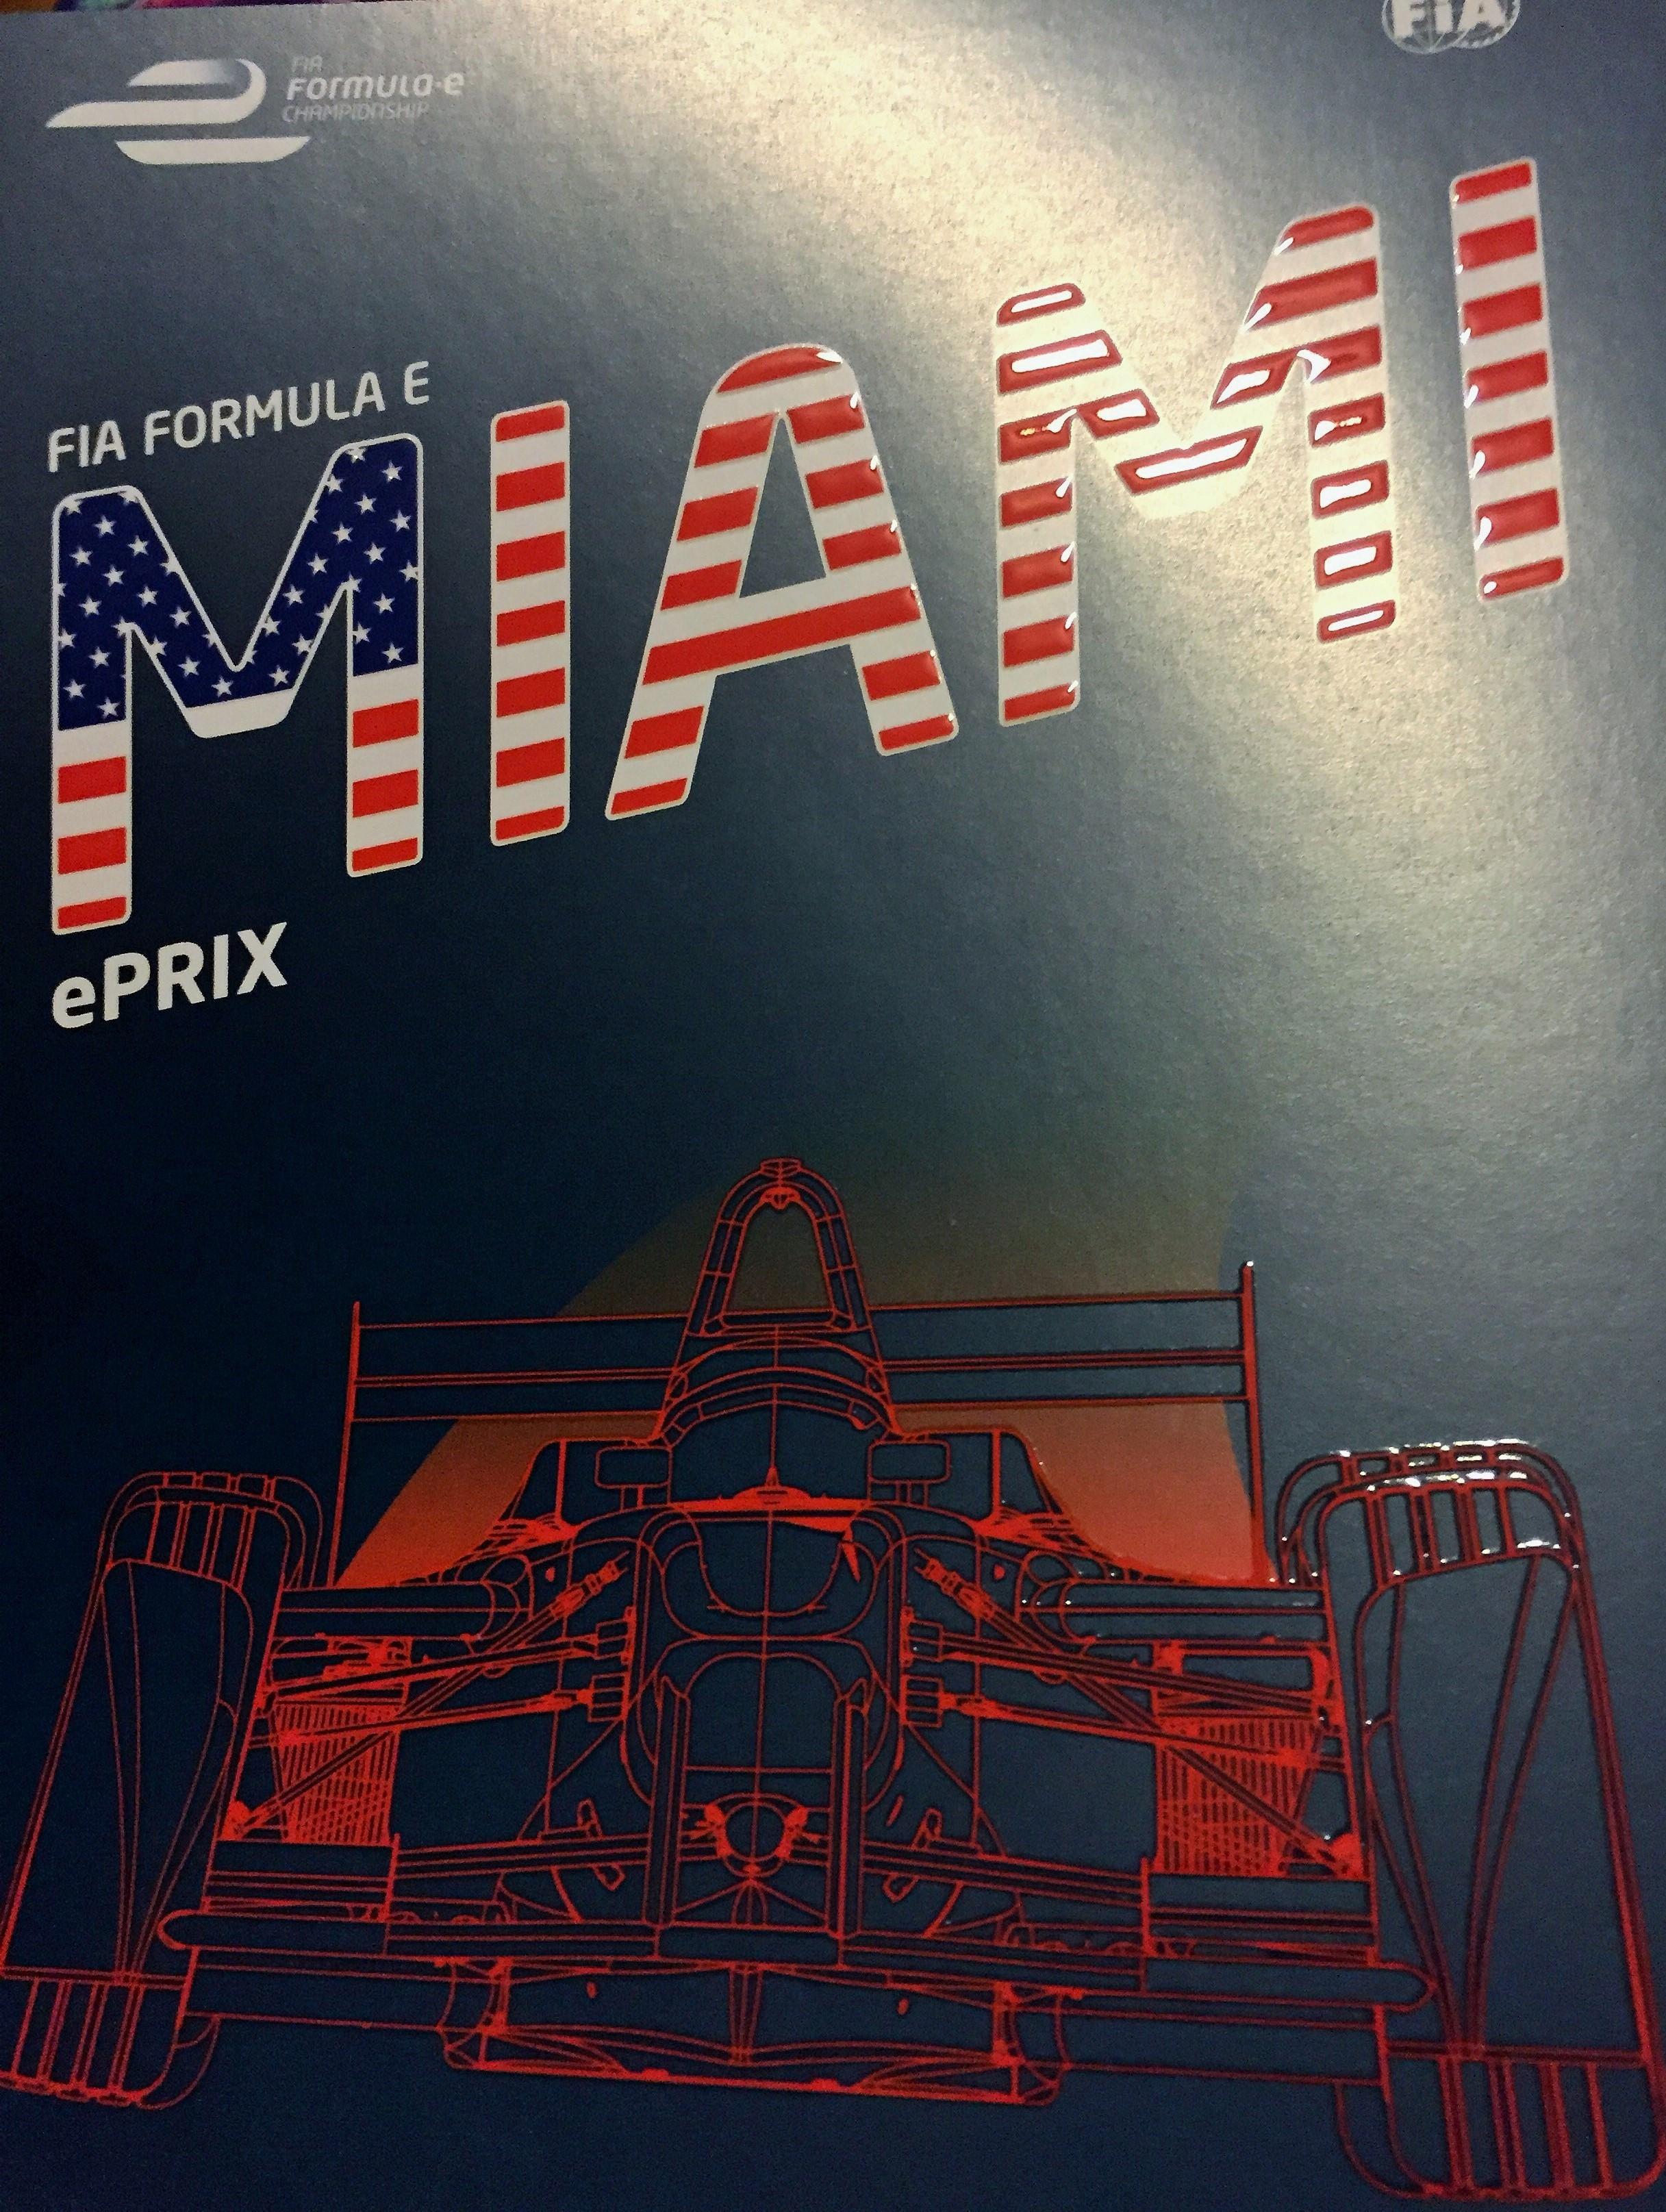 Miami FIA Formula E